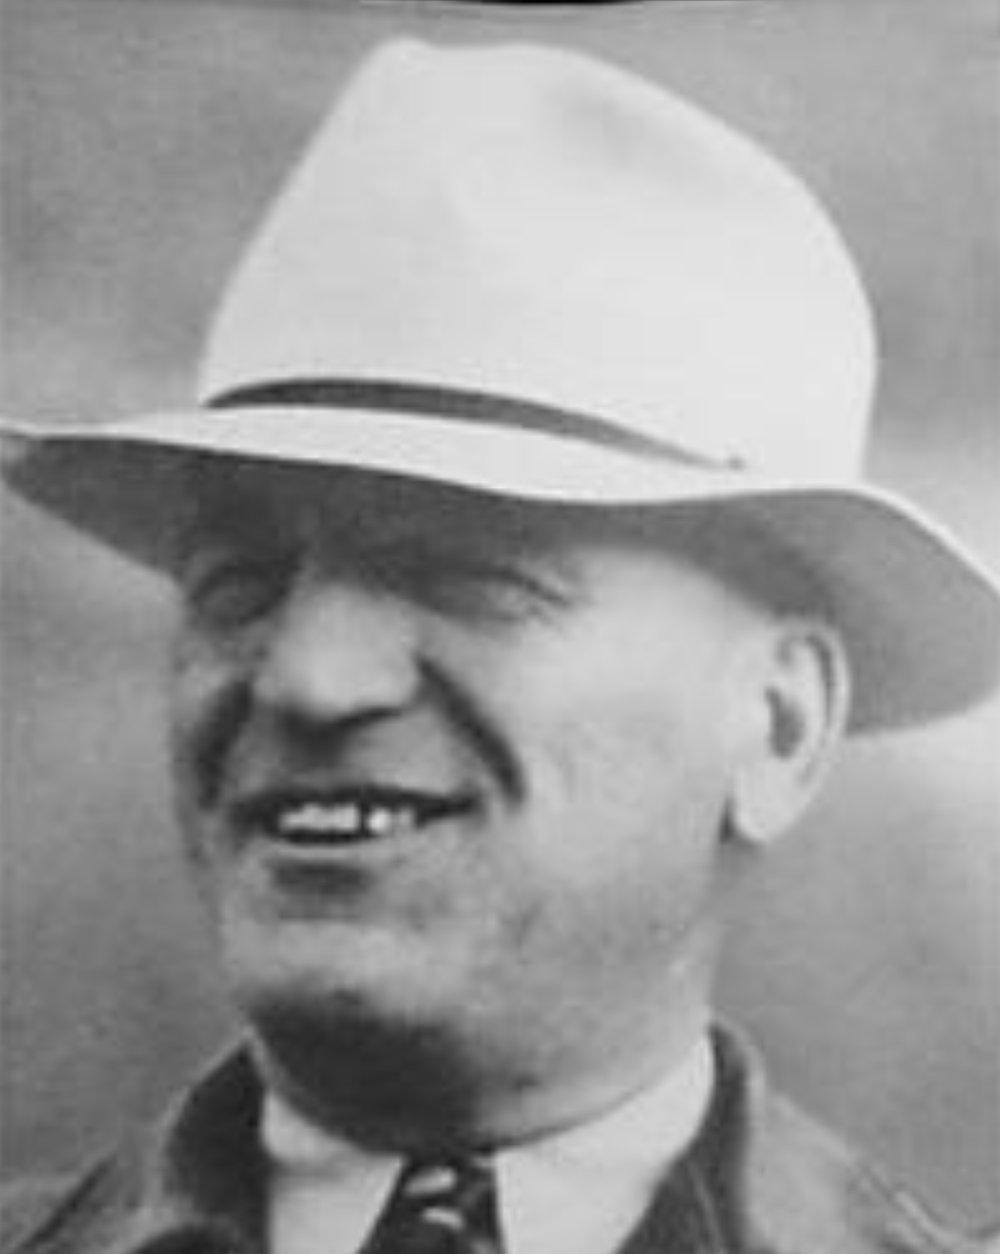 GEORGE W. HINKLE